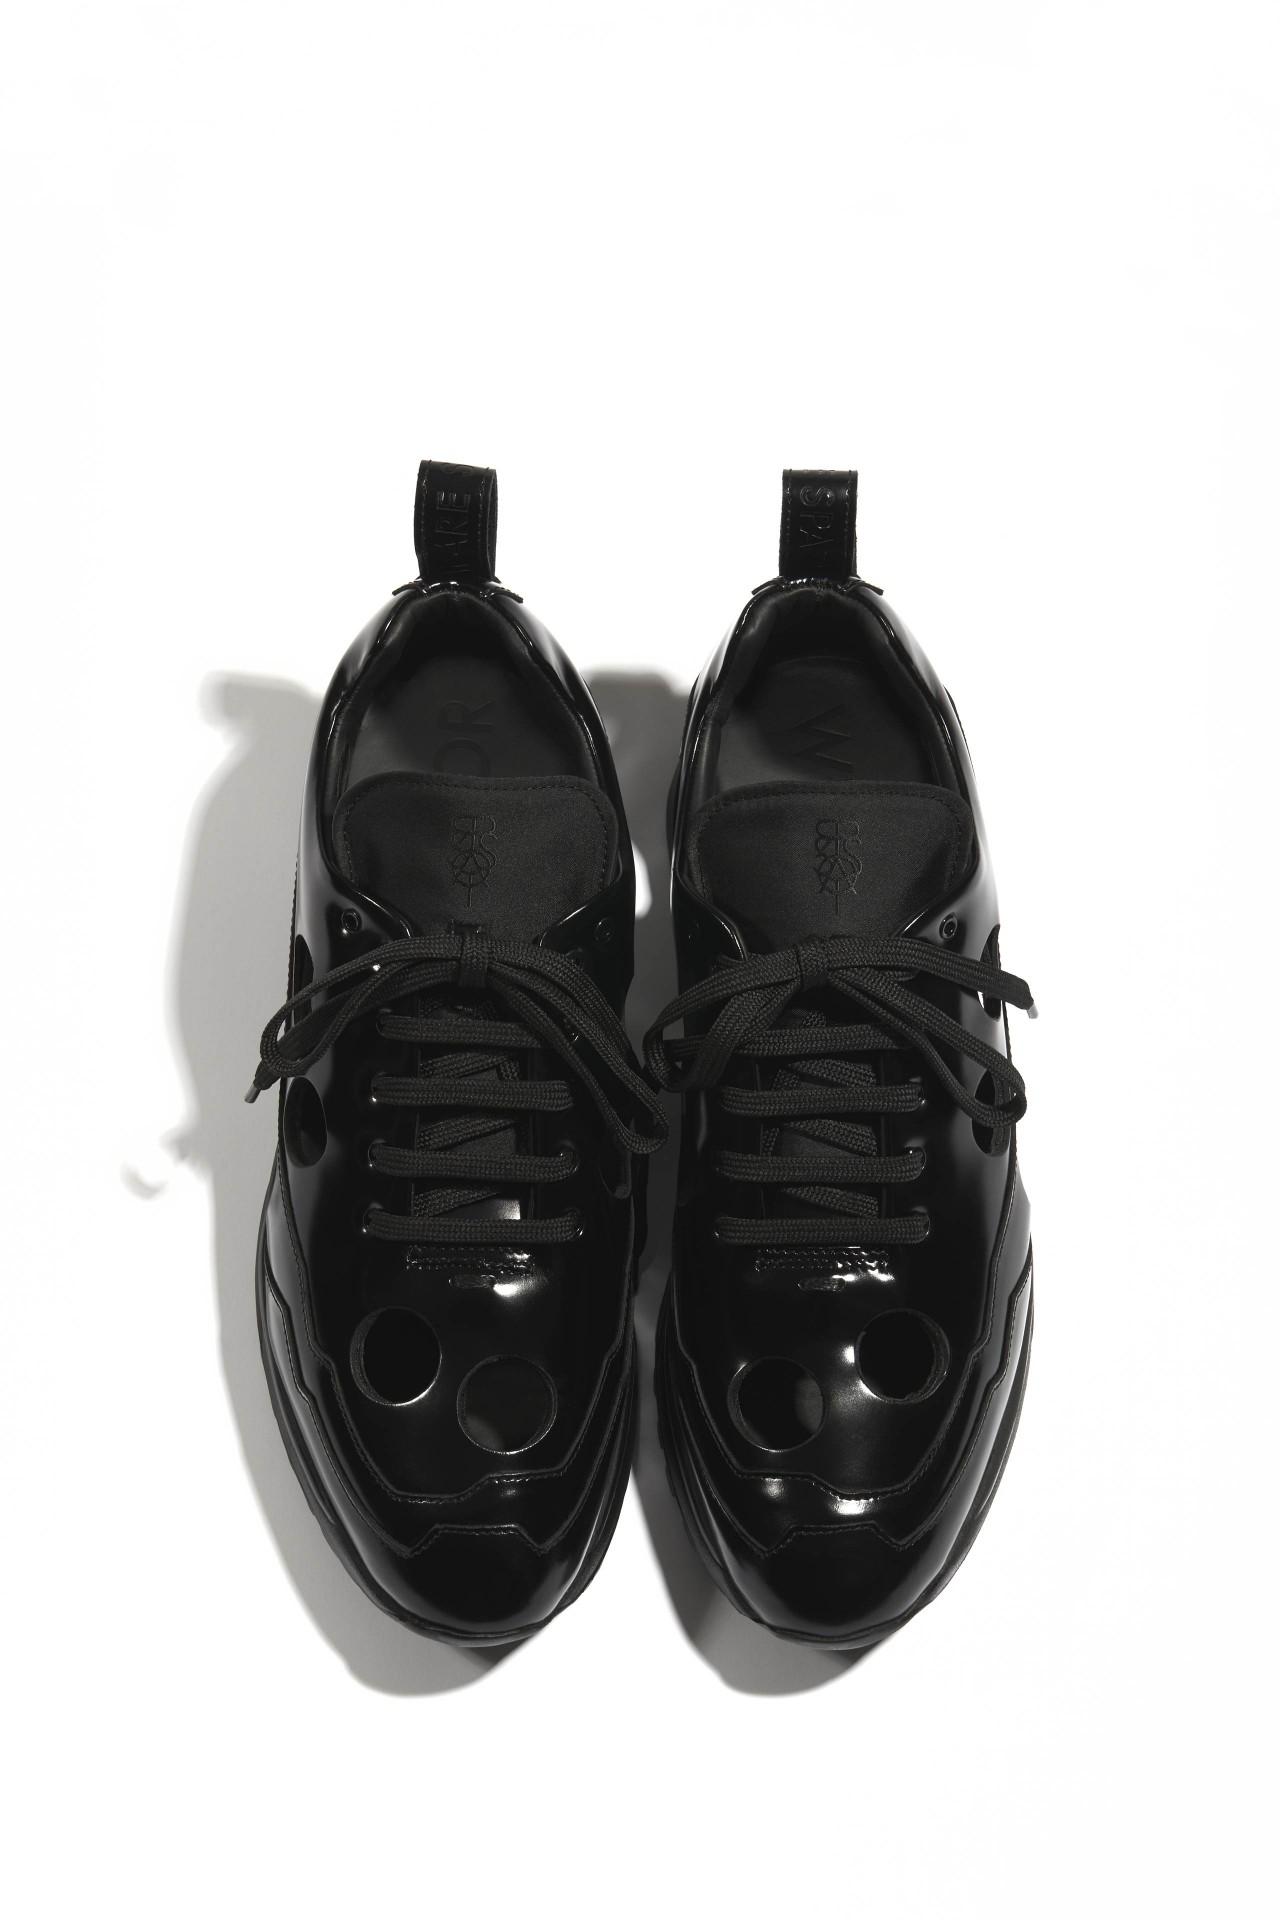 TRENT V1 BLACK